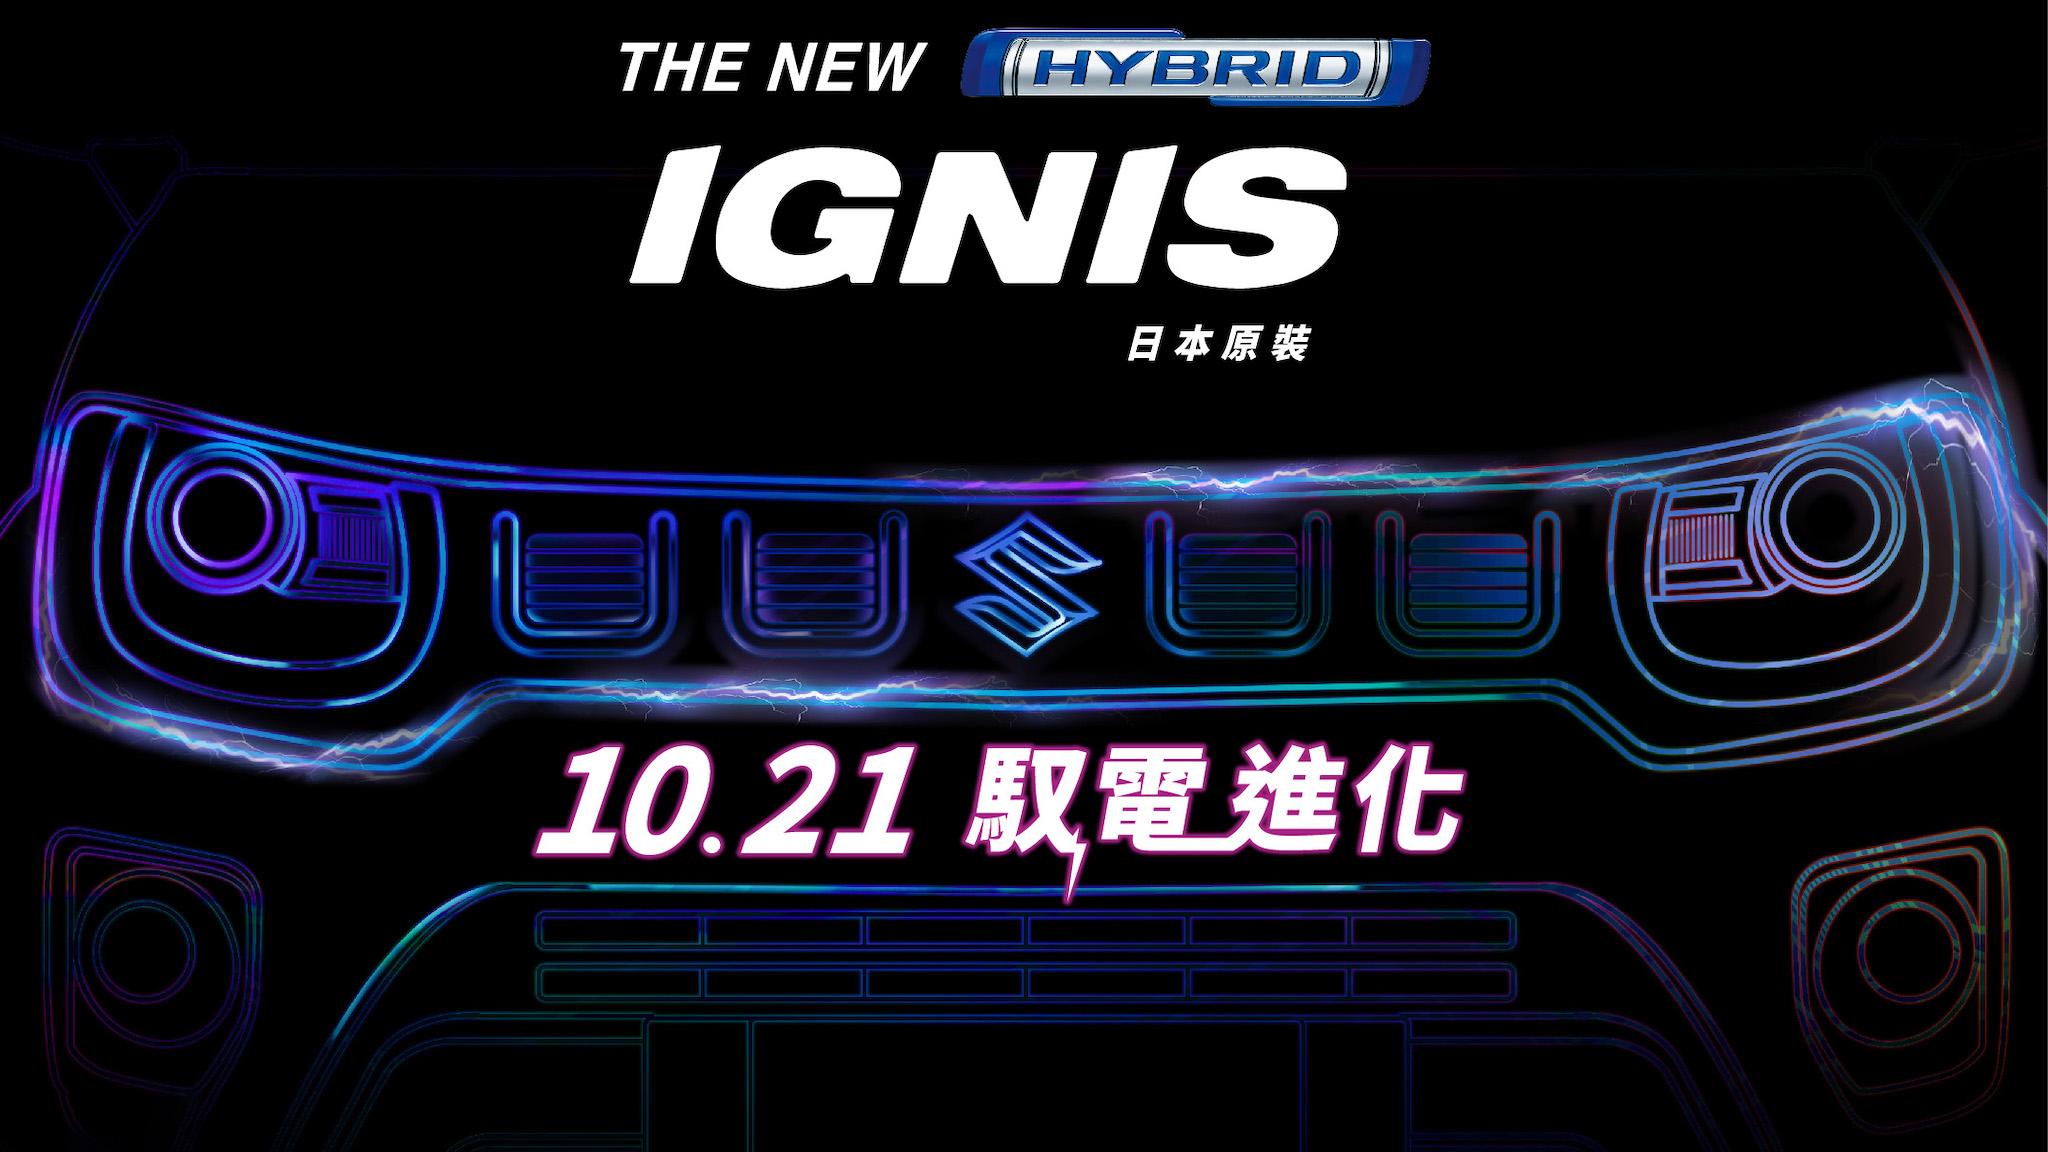 全新 Suzuki Ignis 將採輕油電動力,10/21 正式亮相